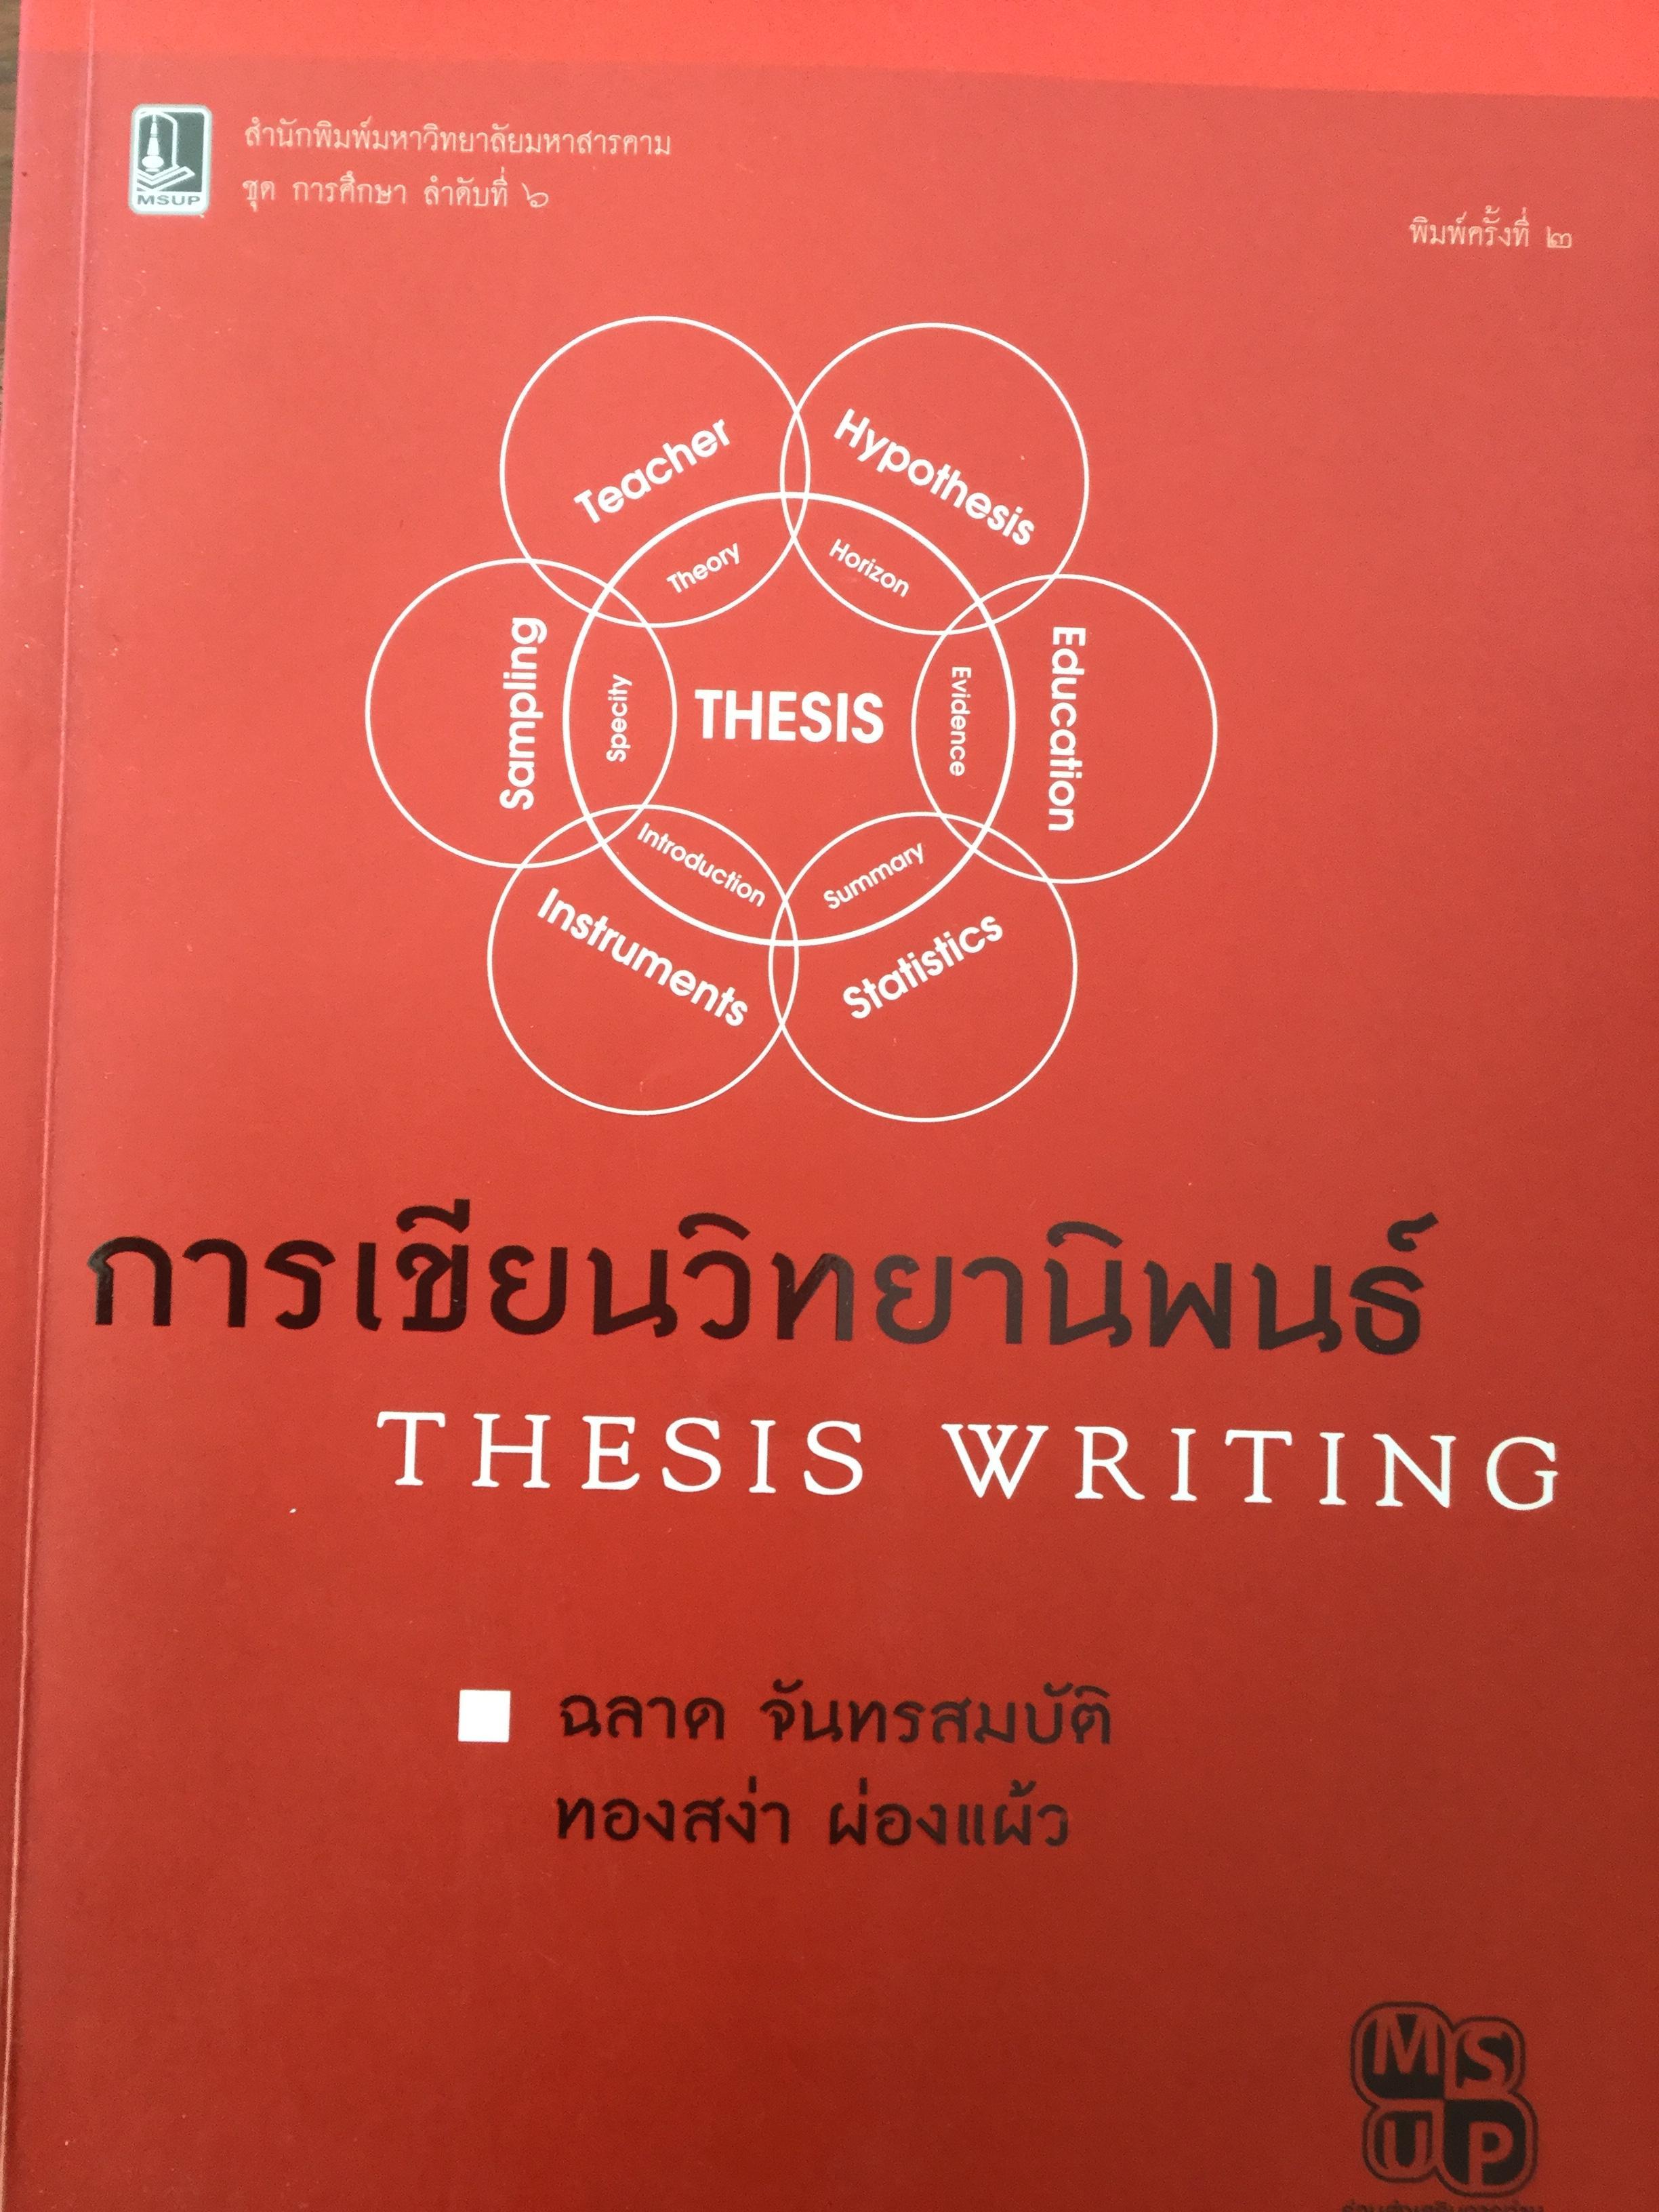 การเขียนวิทยานิพนธ์. THESIS WRITING. ผู้เขียน ฉลาด จันทร์สมบัติ และทองสง่า ผ่องแผ้ว